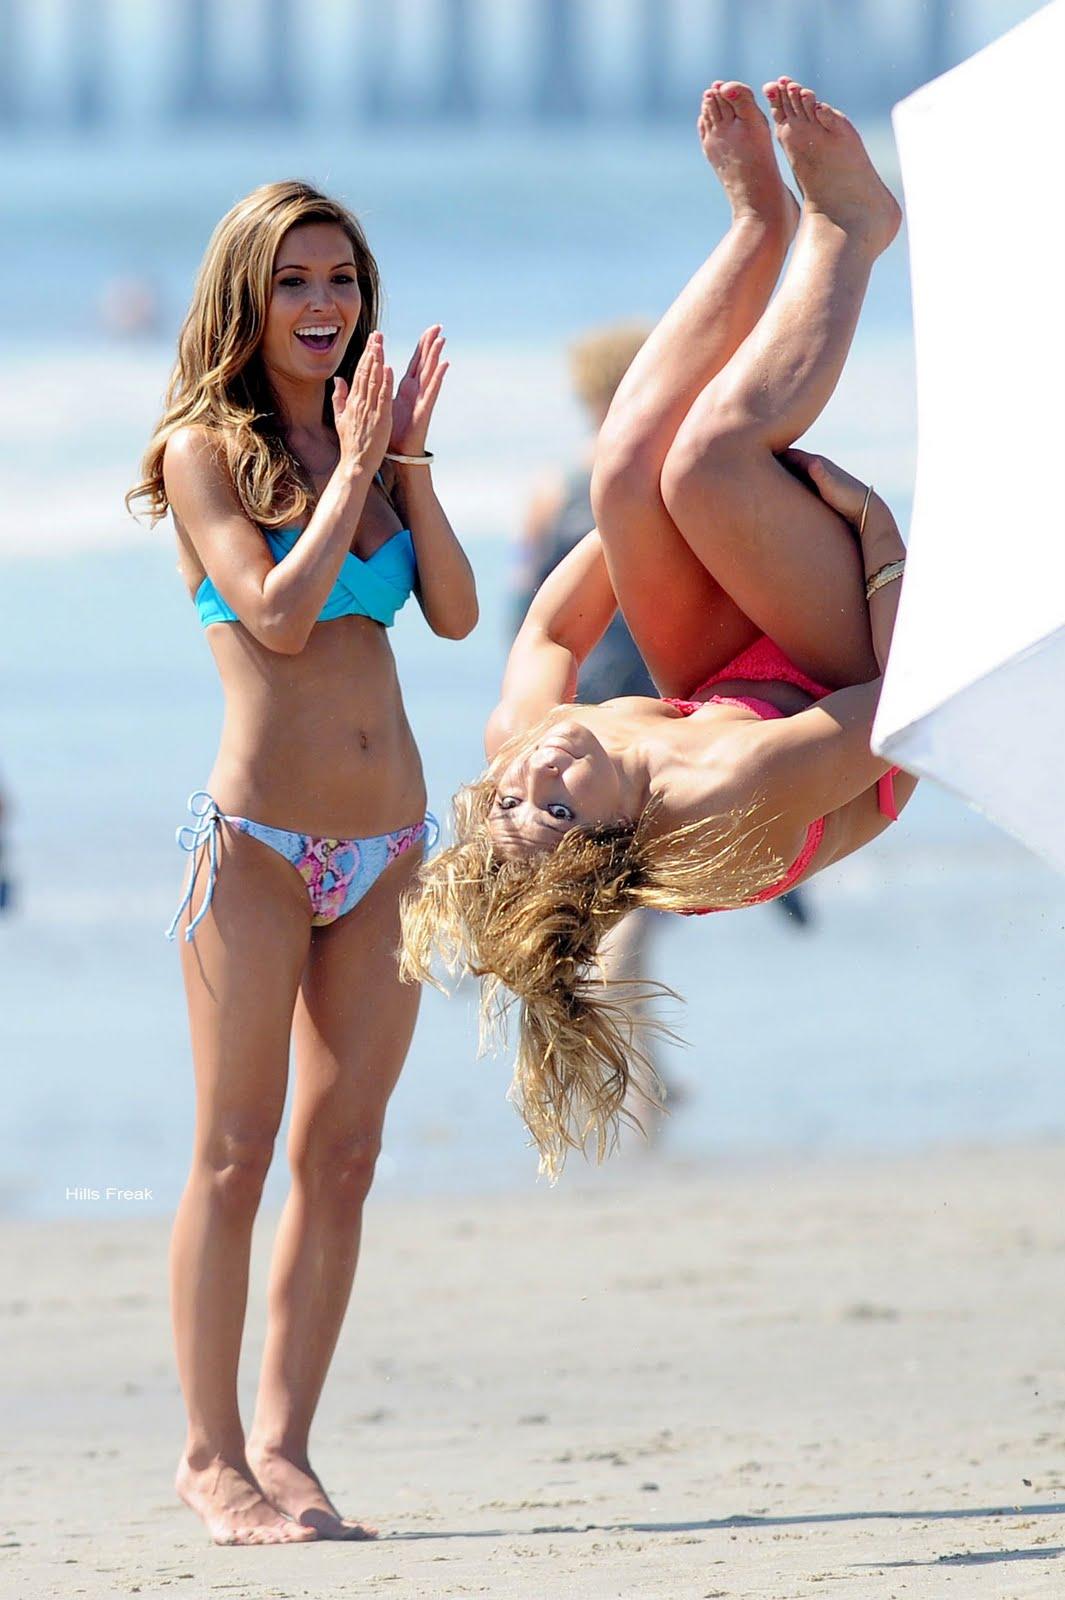 vid bikini Samantha harris